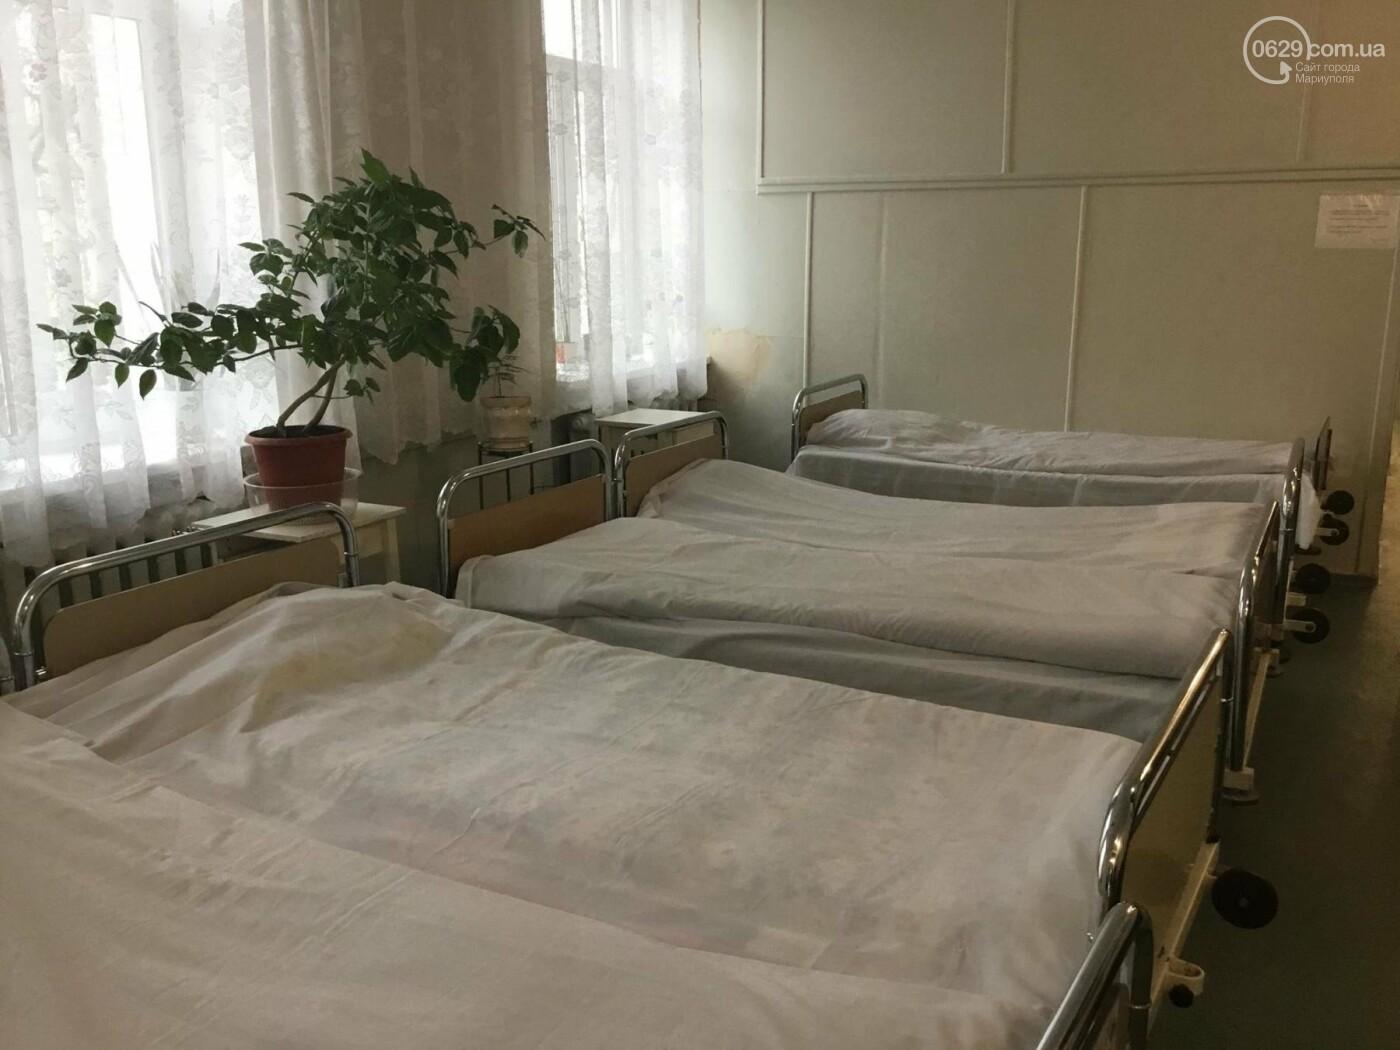 В Мариуполе из-за ремонта детской больницы расселяют гинекологическое отделение (ФОТОРЕПОРТАЖ+ВИДЕО), фото-7